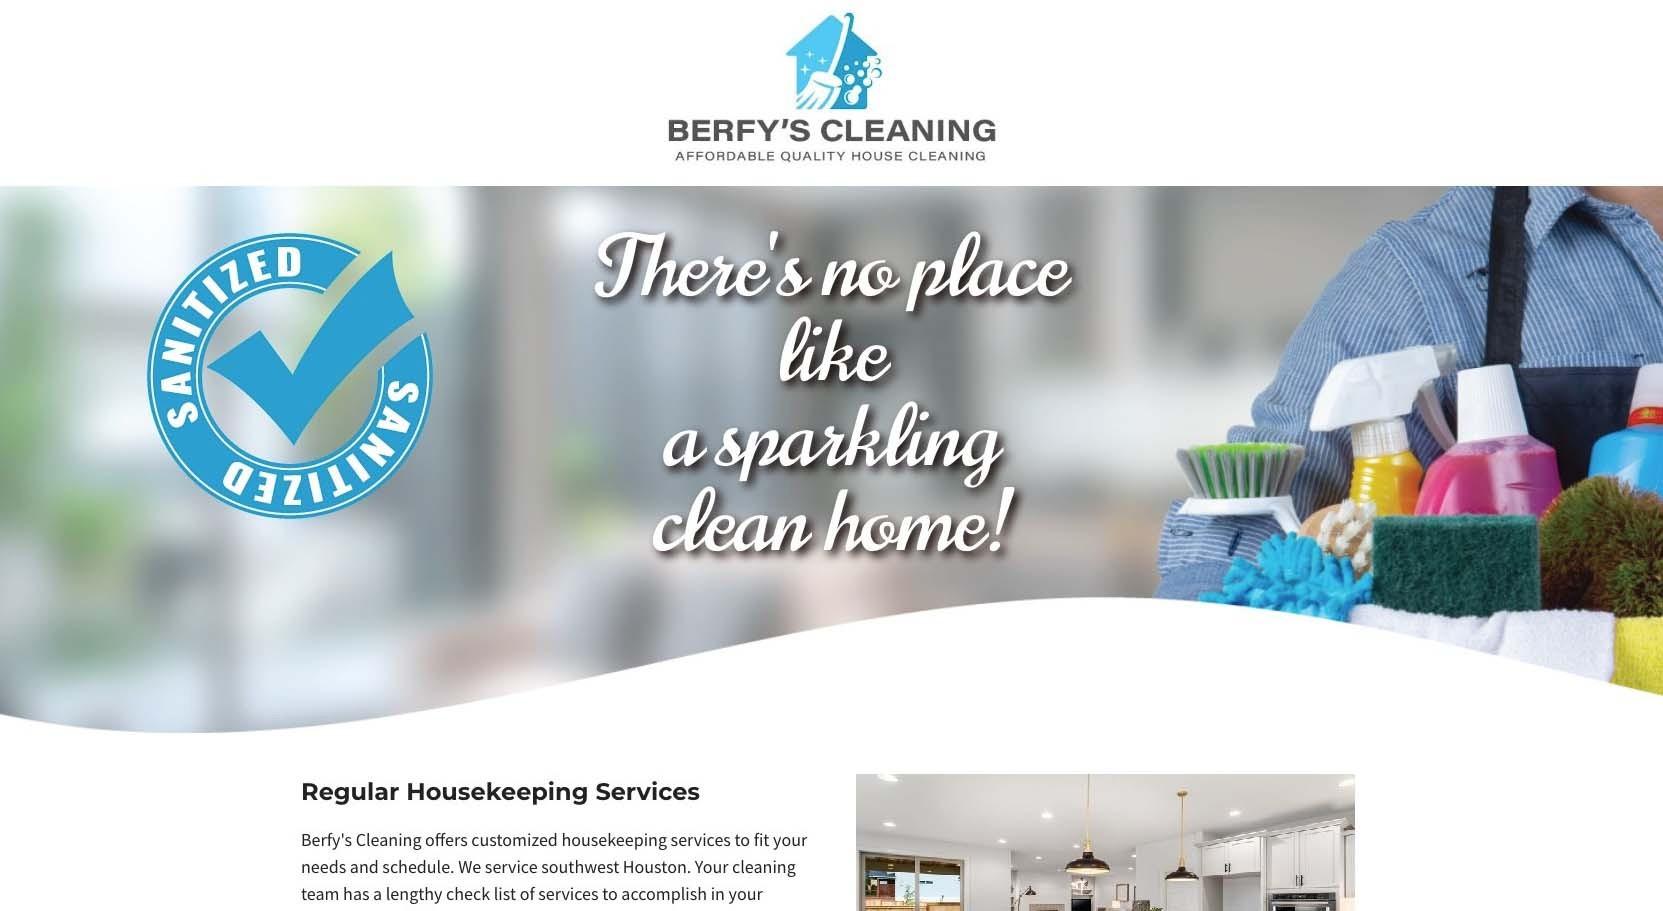 Berfys_homepage_capture_4